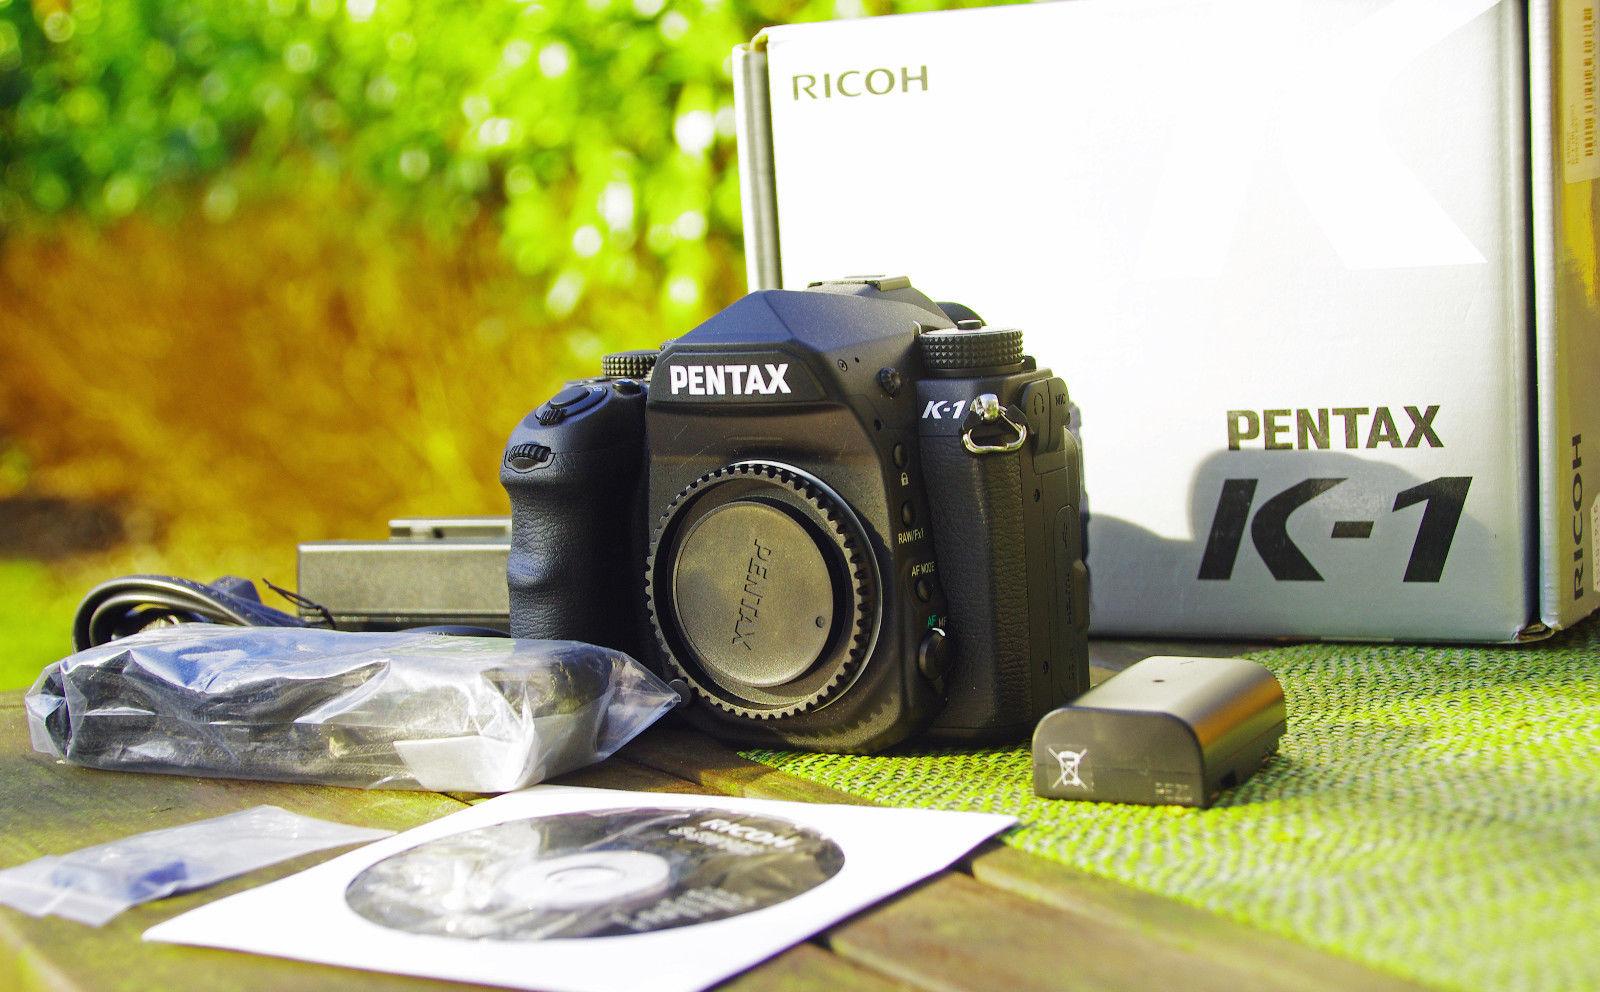 RICOH PENTAX K-1, wenig benutzt (131 Auslösungen), Rest-Garantie, Zubehörpaket